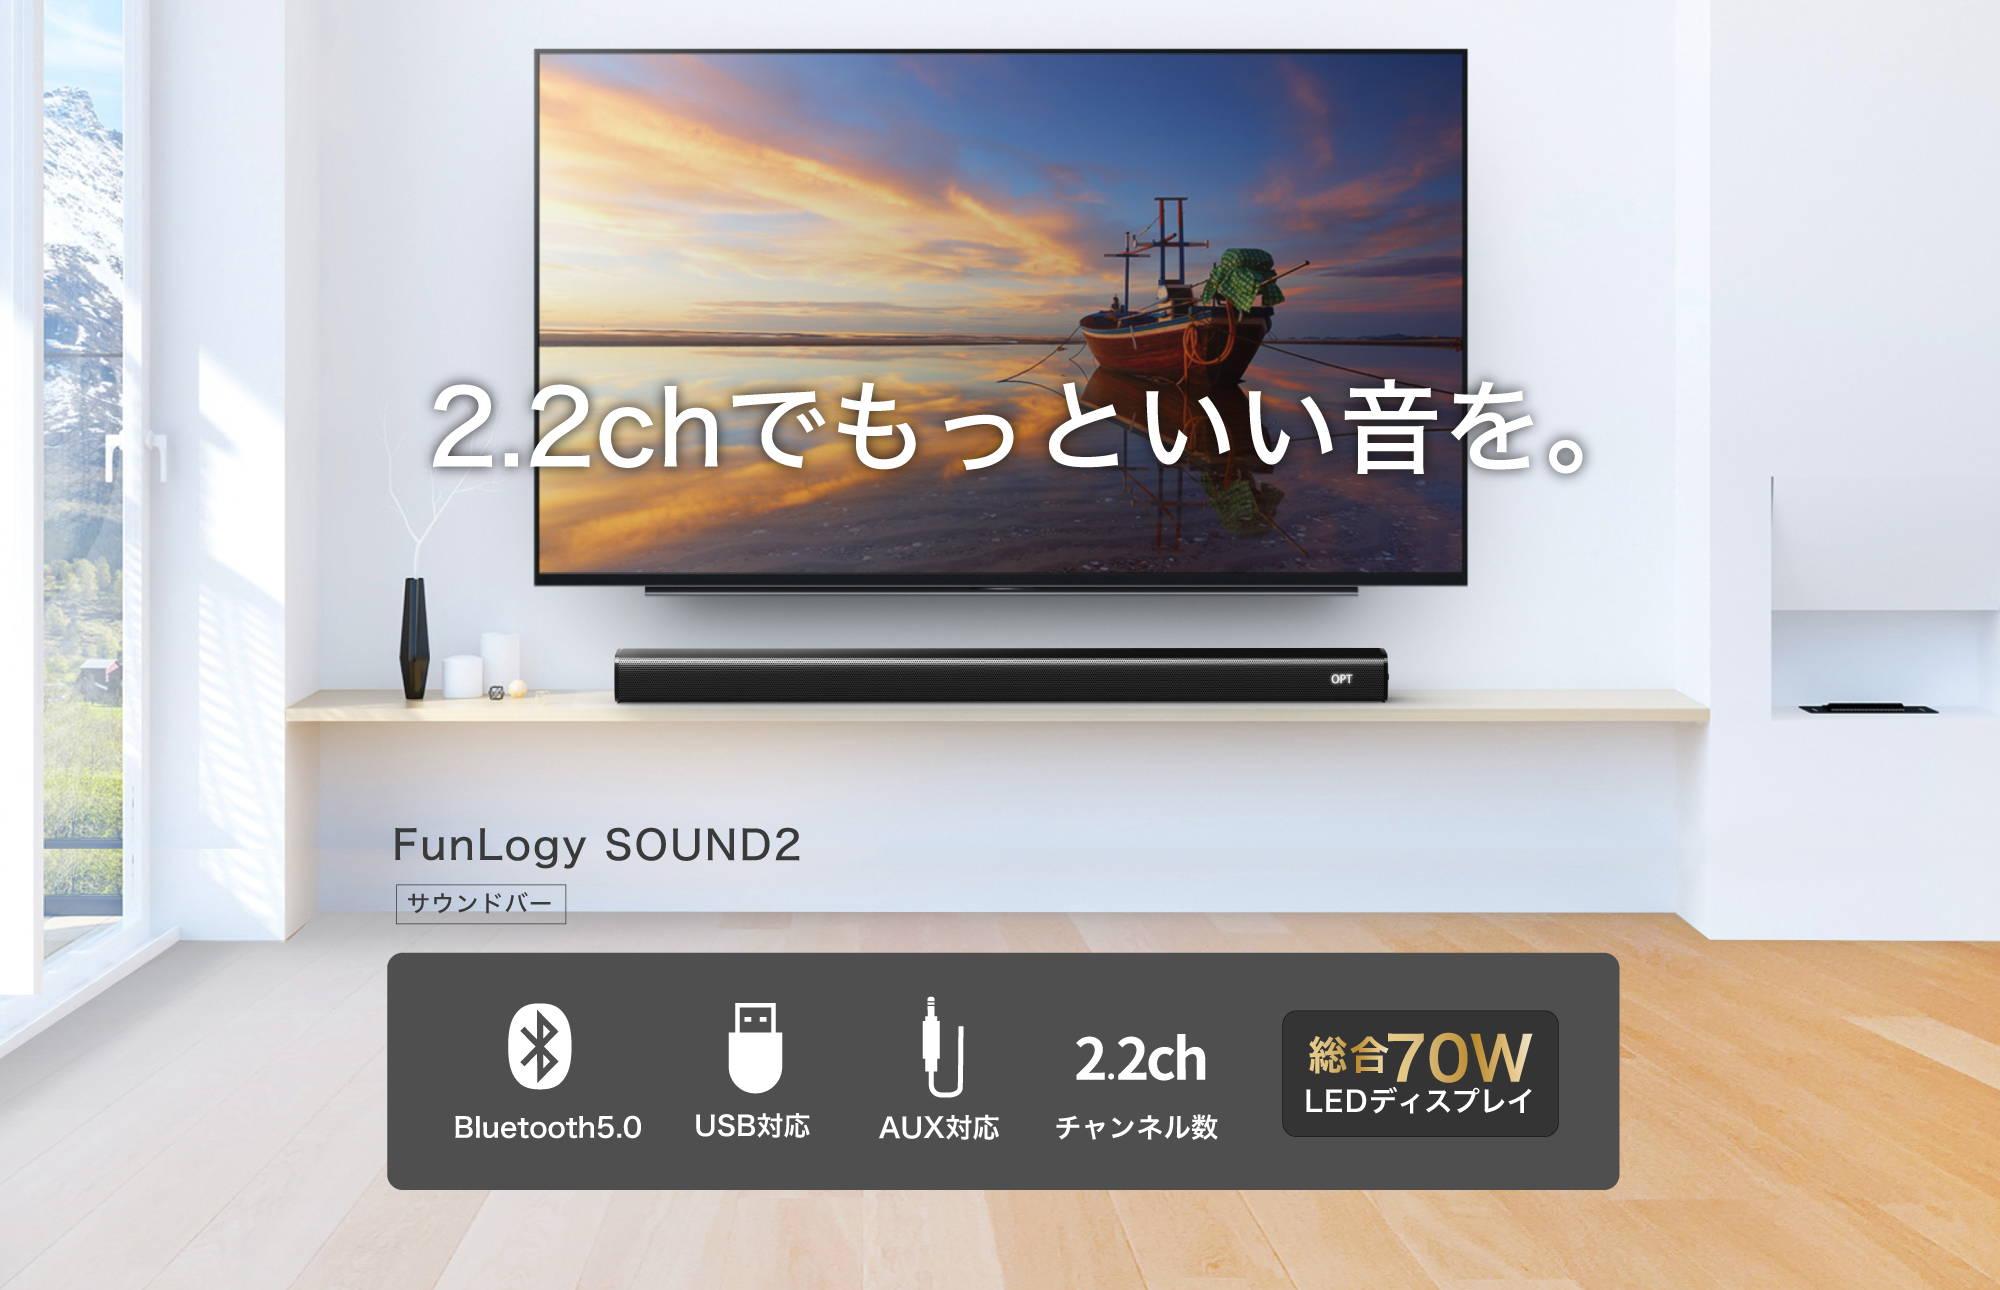 薄型テレビの下に設置されたサウンドバー FunLogy SOUND2